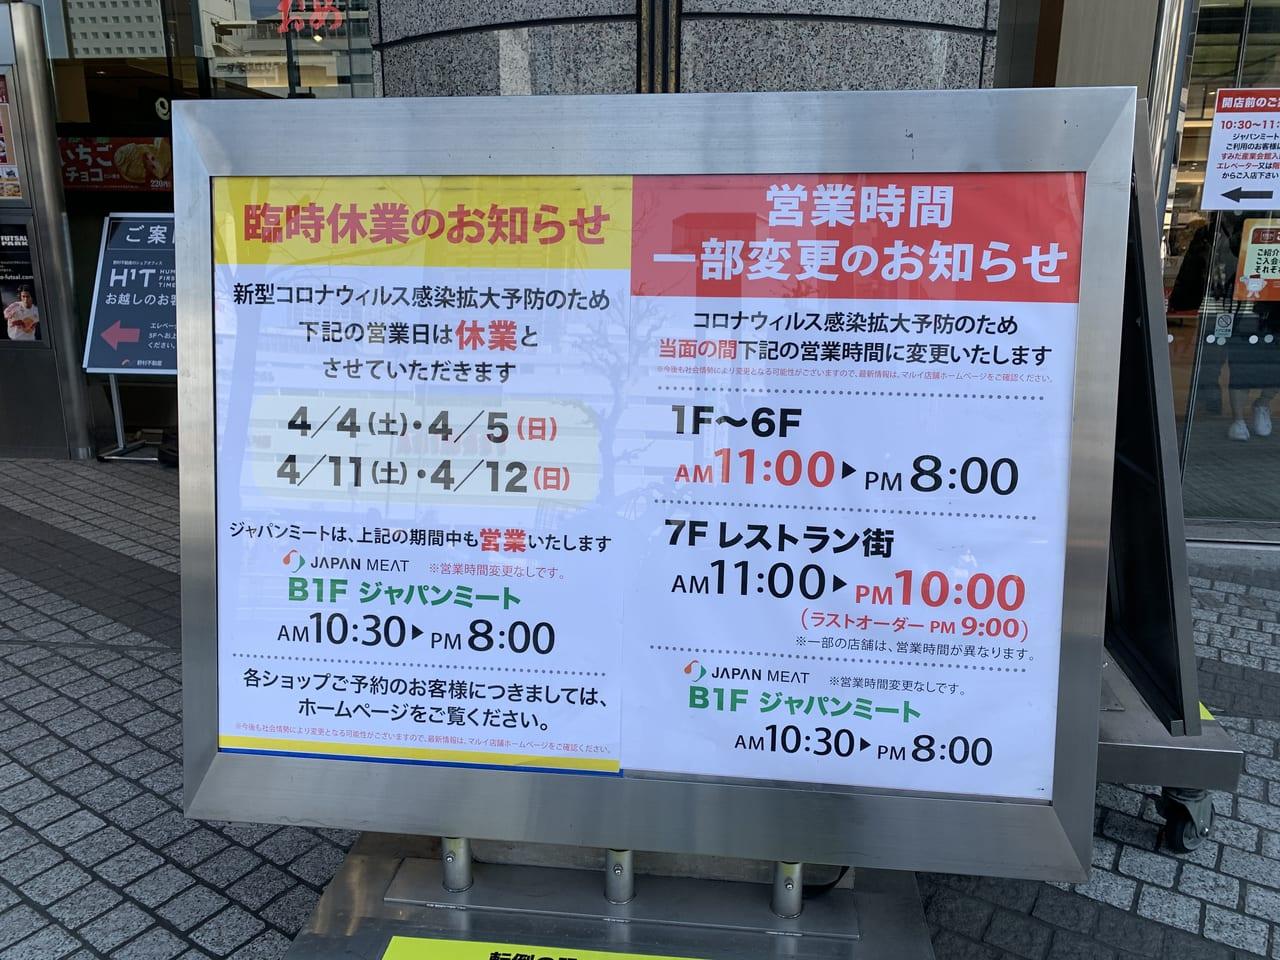 丸井 錦糸 レストラン 町